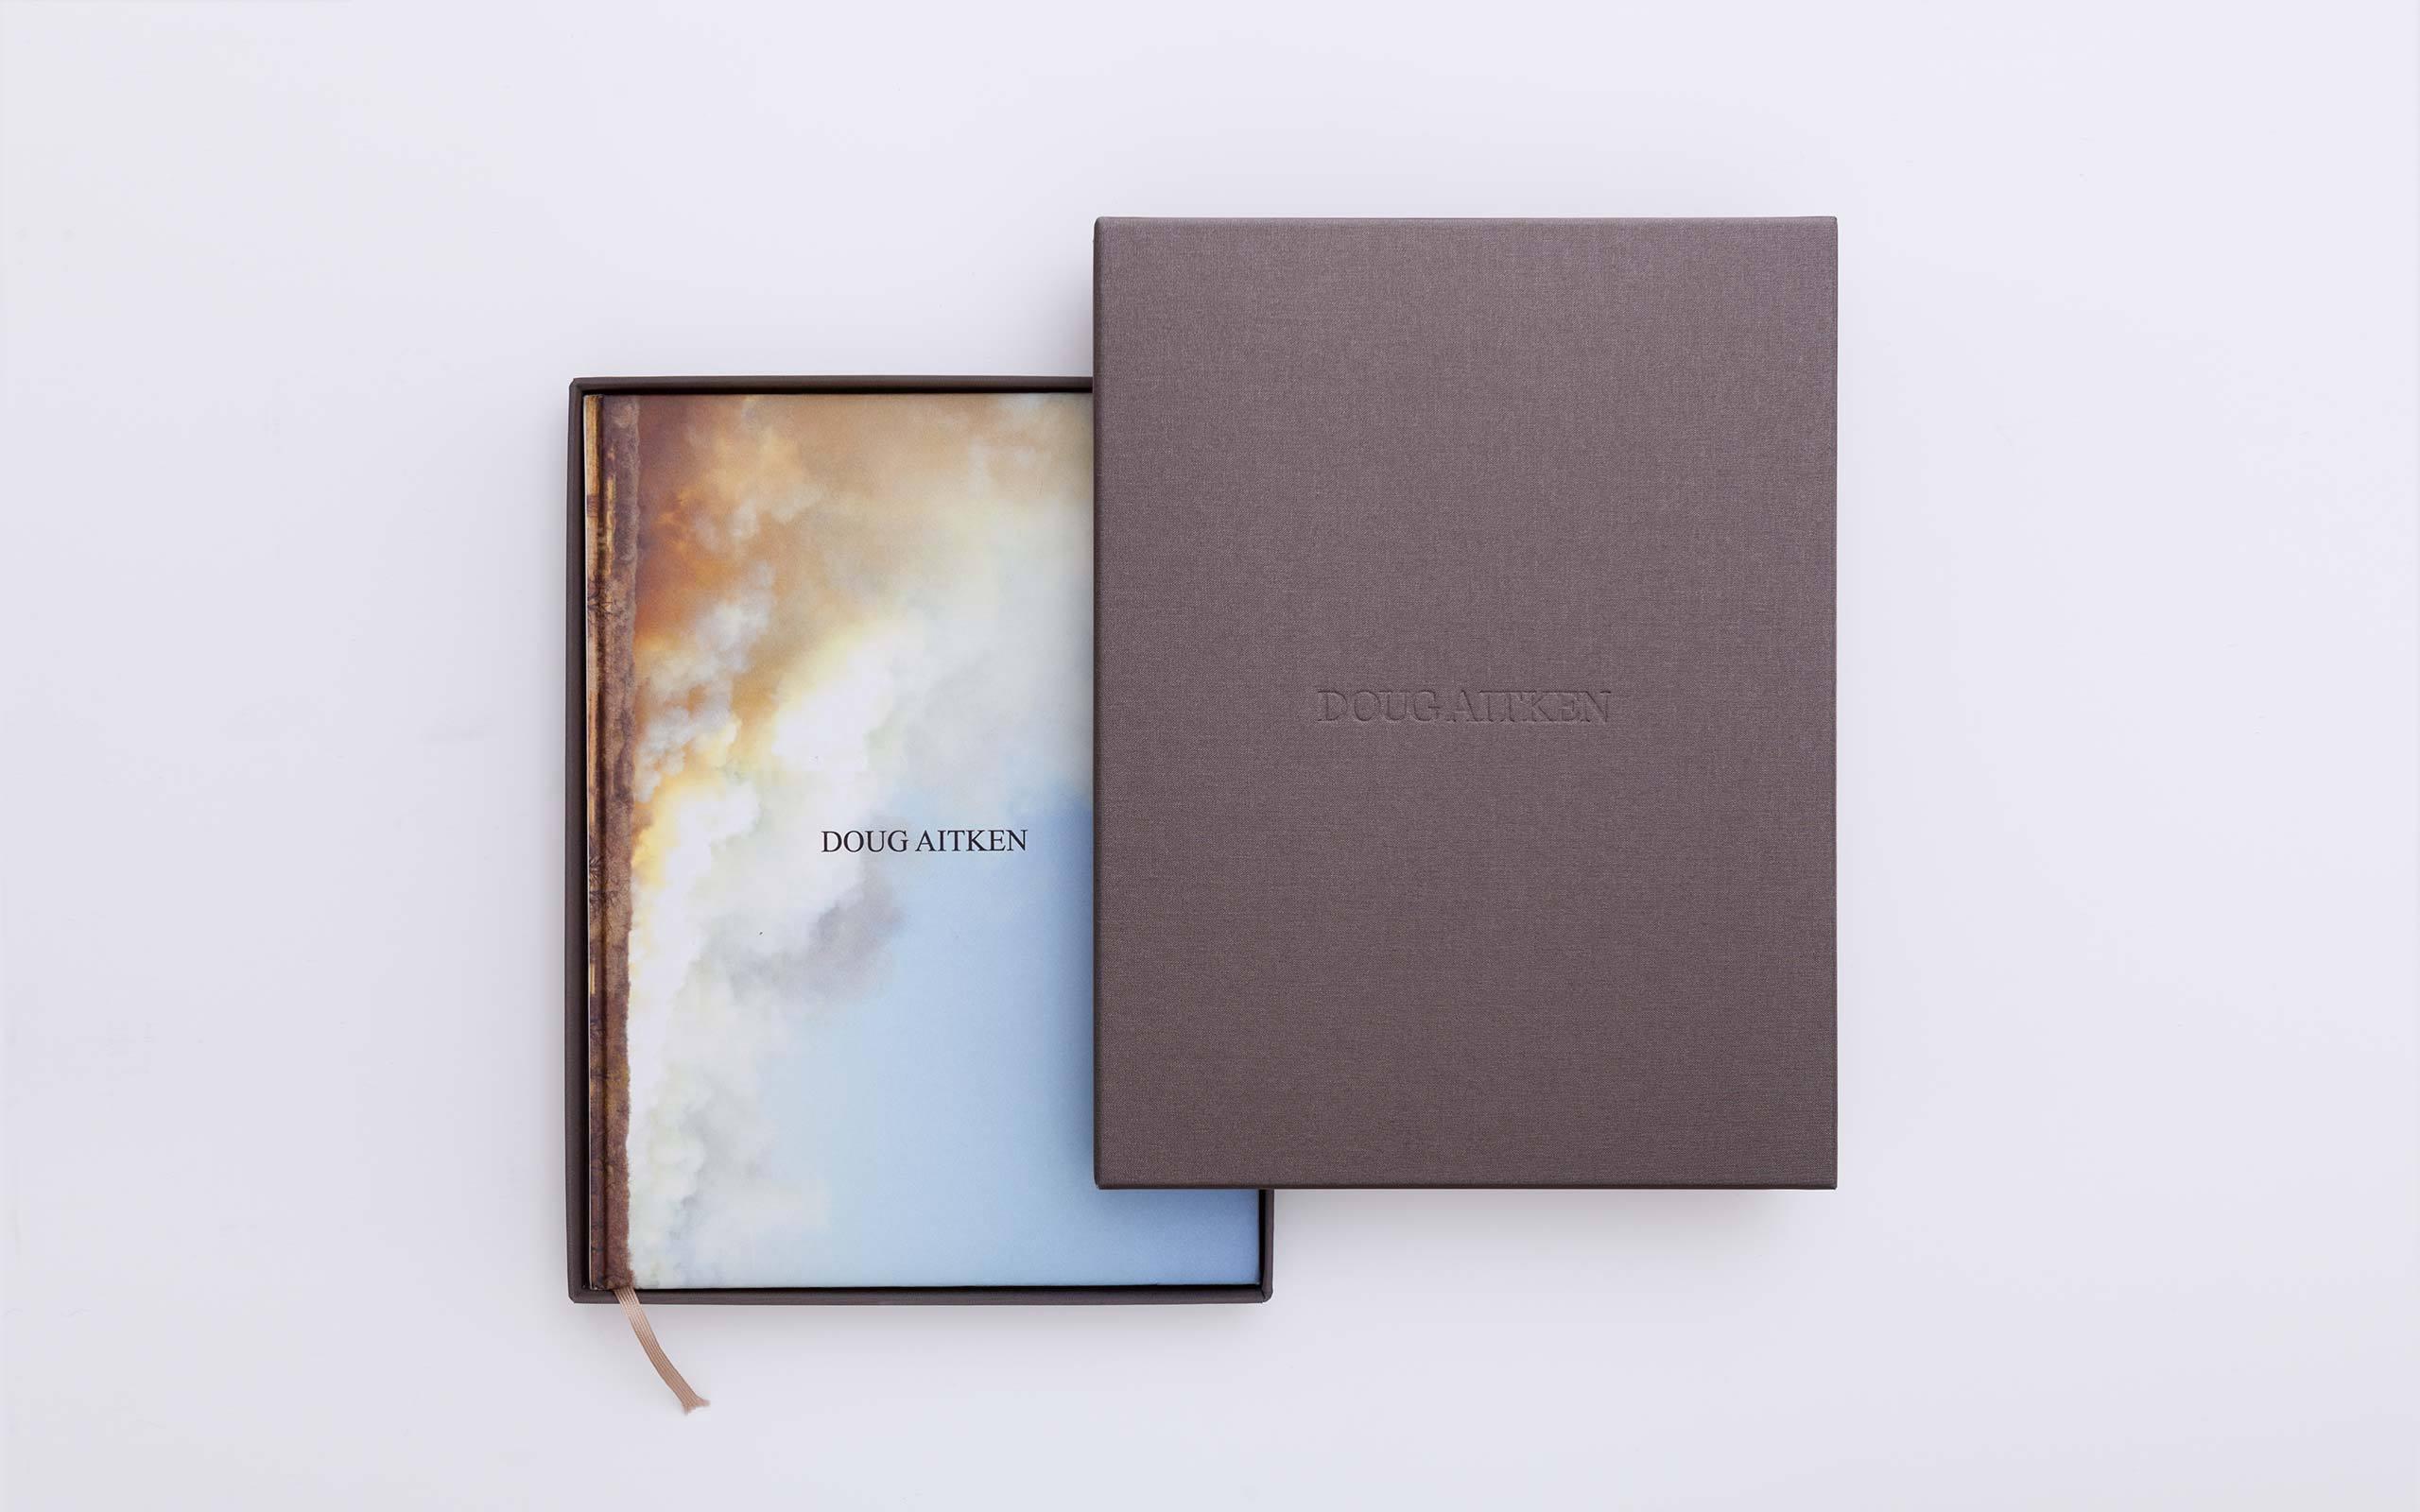 Doug Aitken publication, Schirn Kunsthalle Frankfurt, by Verlag für moderne Kunst